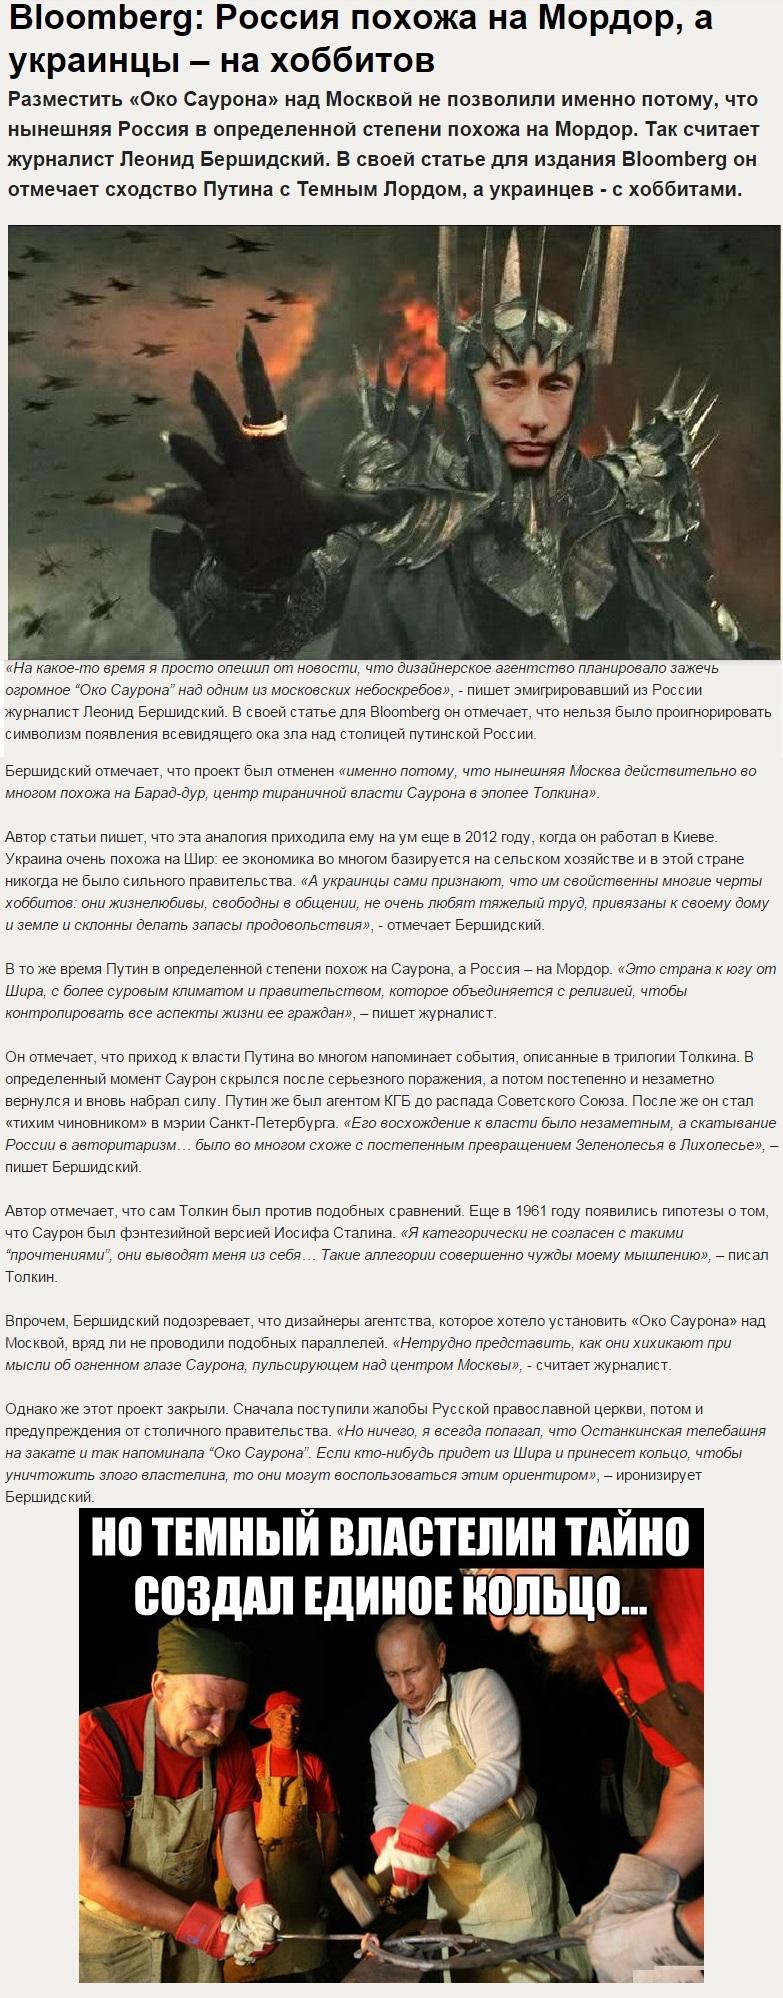 Фееричная расстановка точек в истории с Оком Саурона - Изображение 1